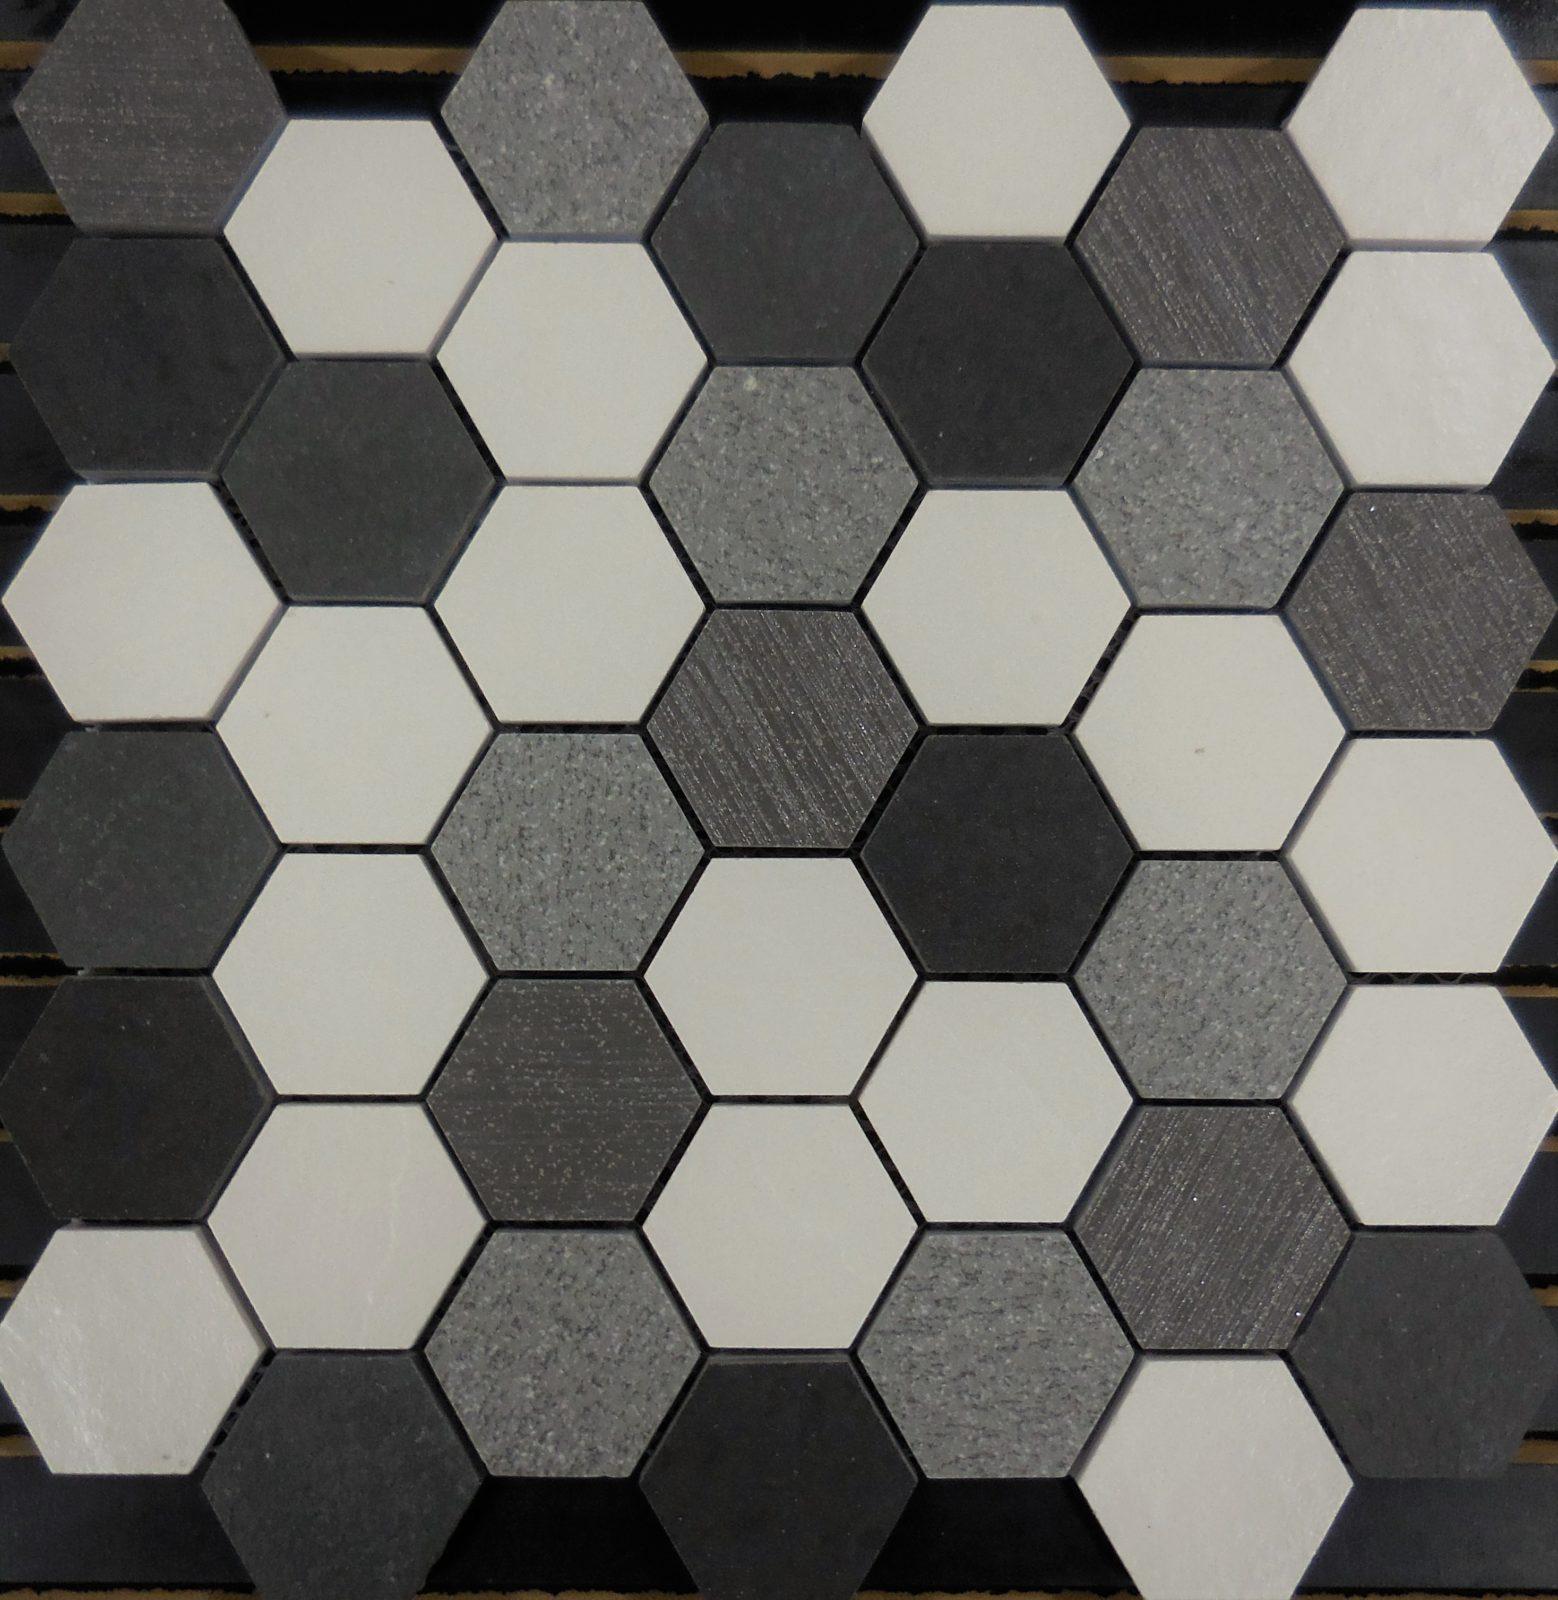 PTH7017 Porcelain Mosaic Salt N Pepper Hexagon Mosaic